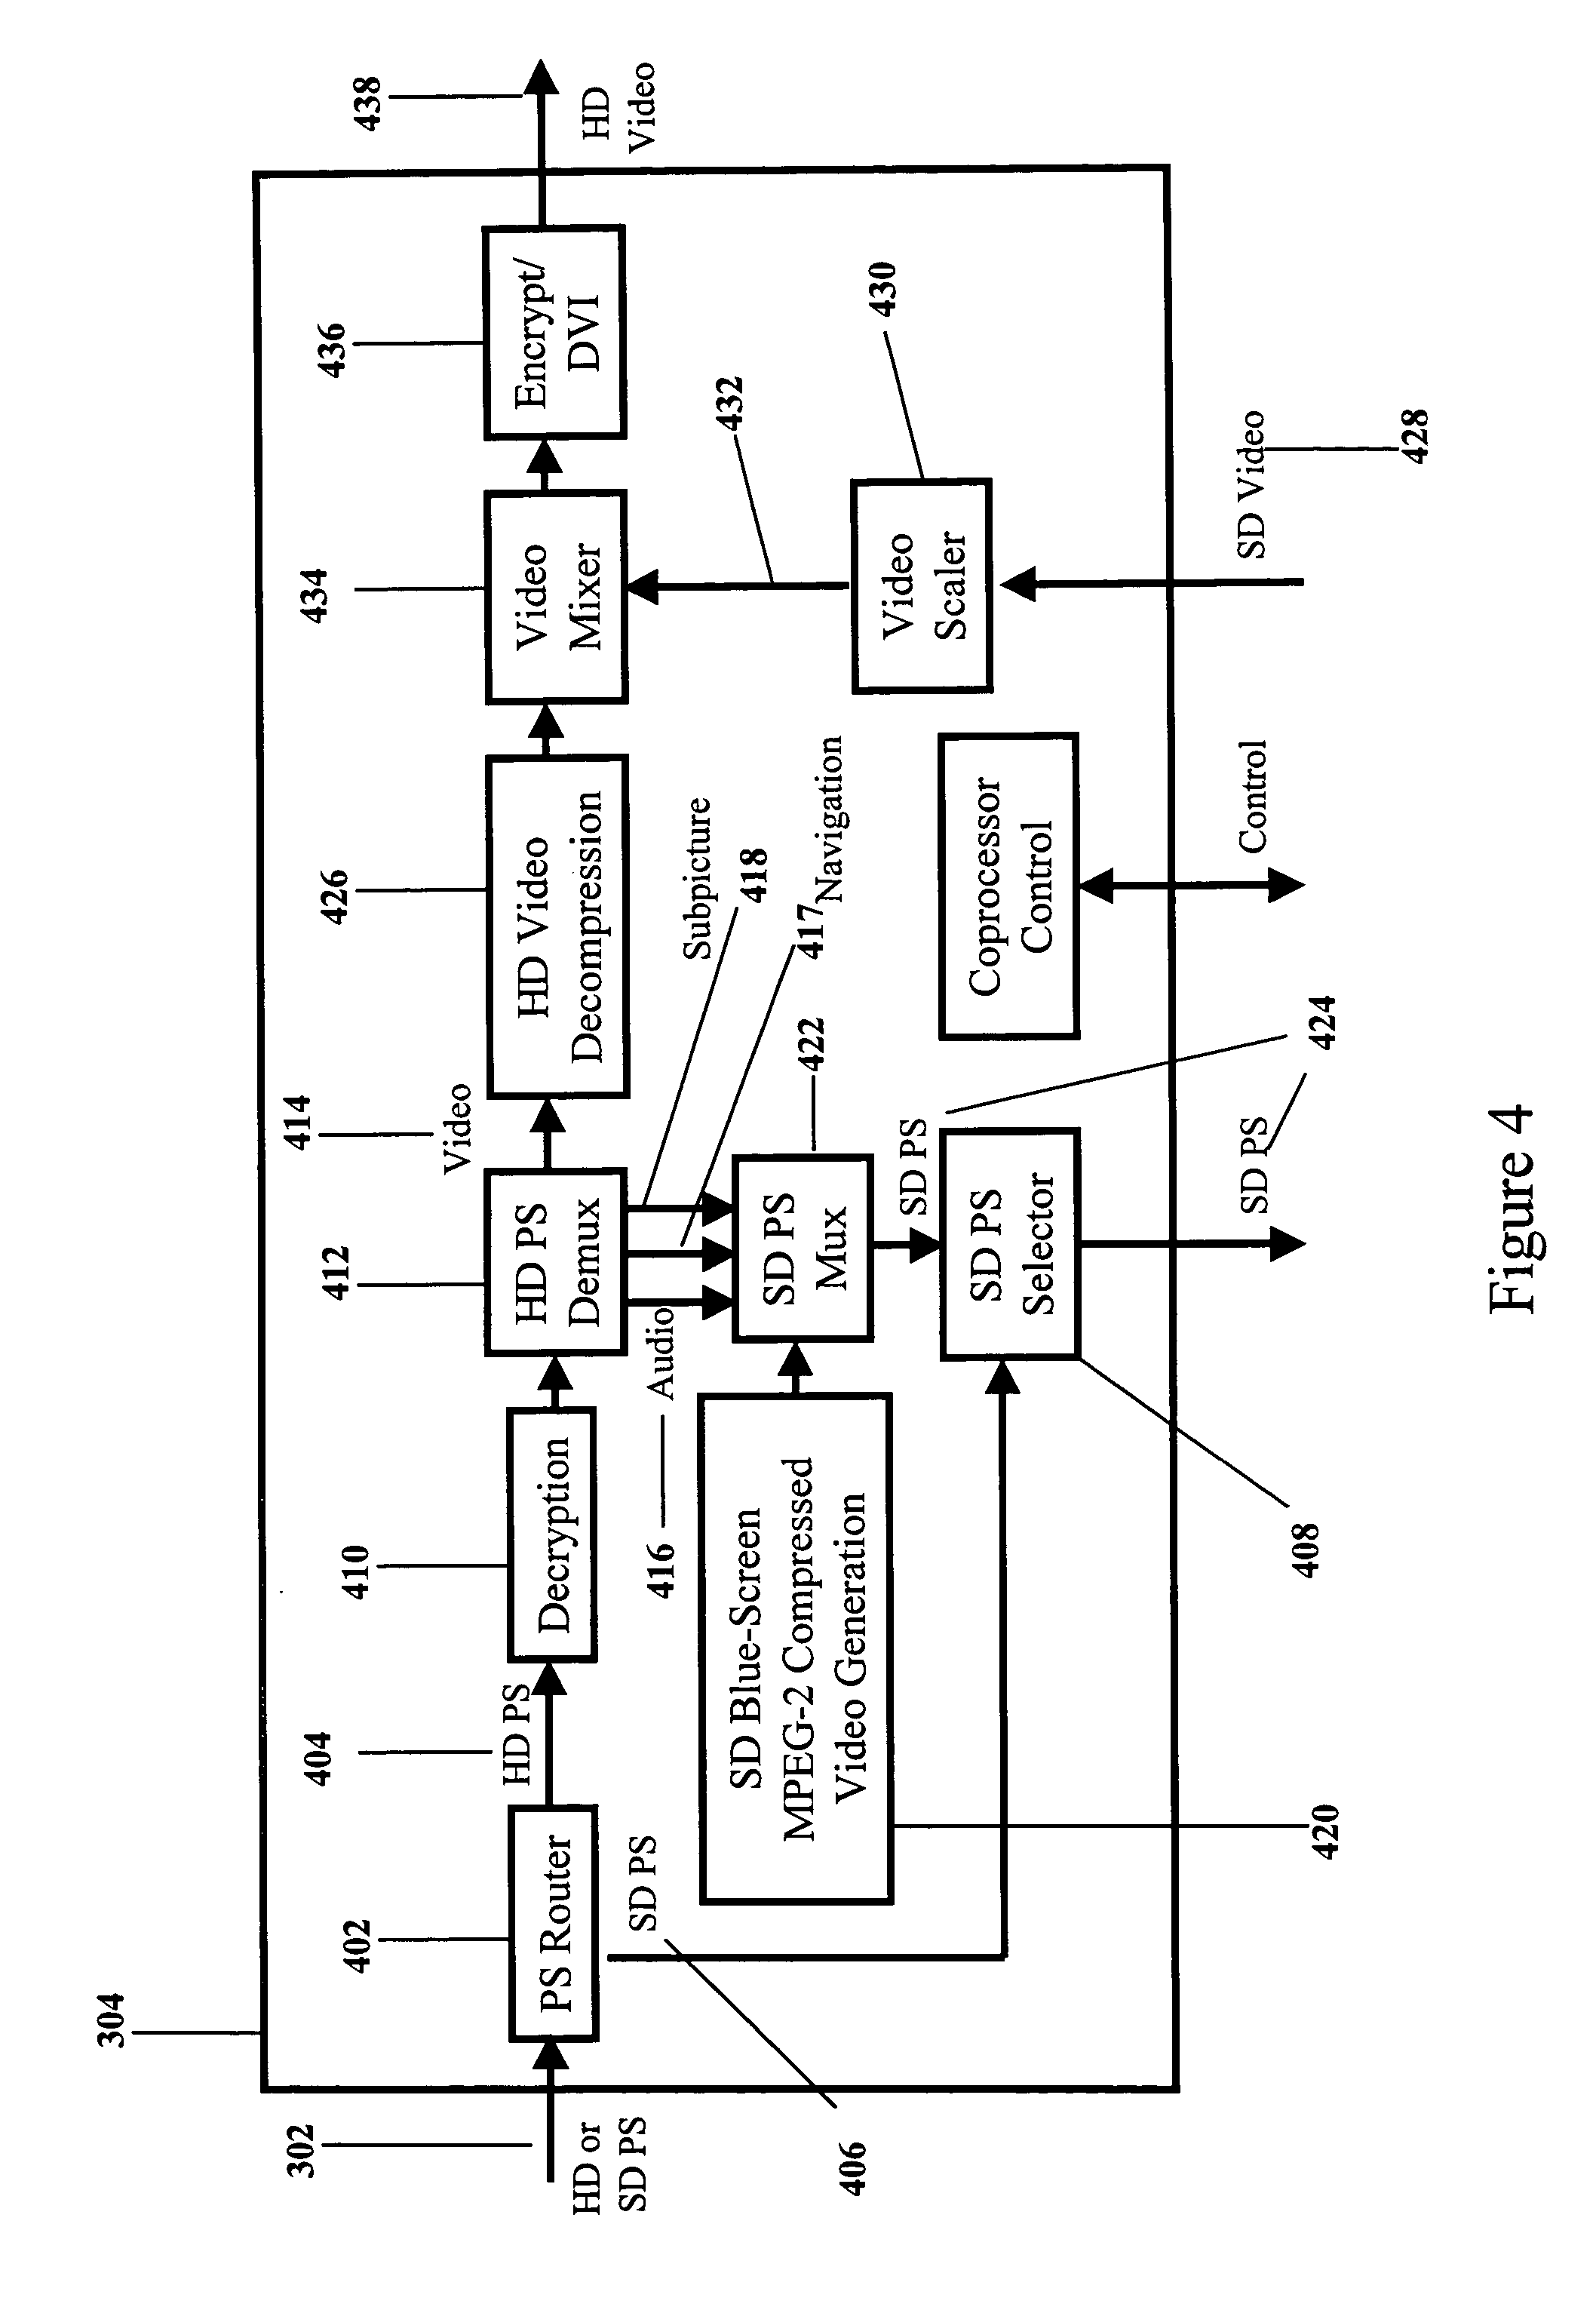 海信空调kfr3066外板电路图